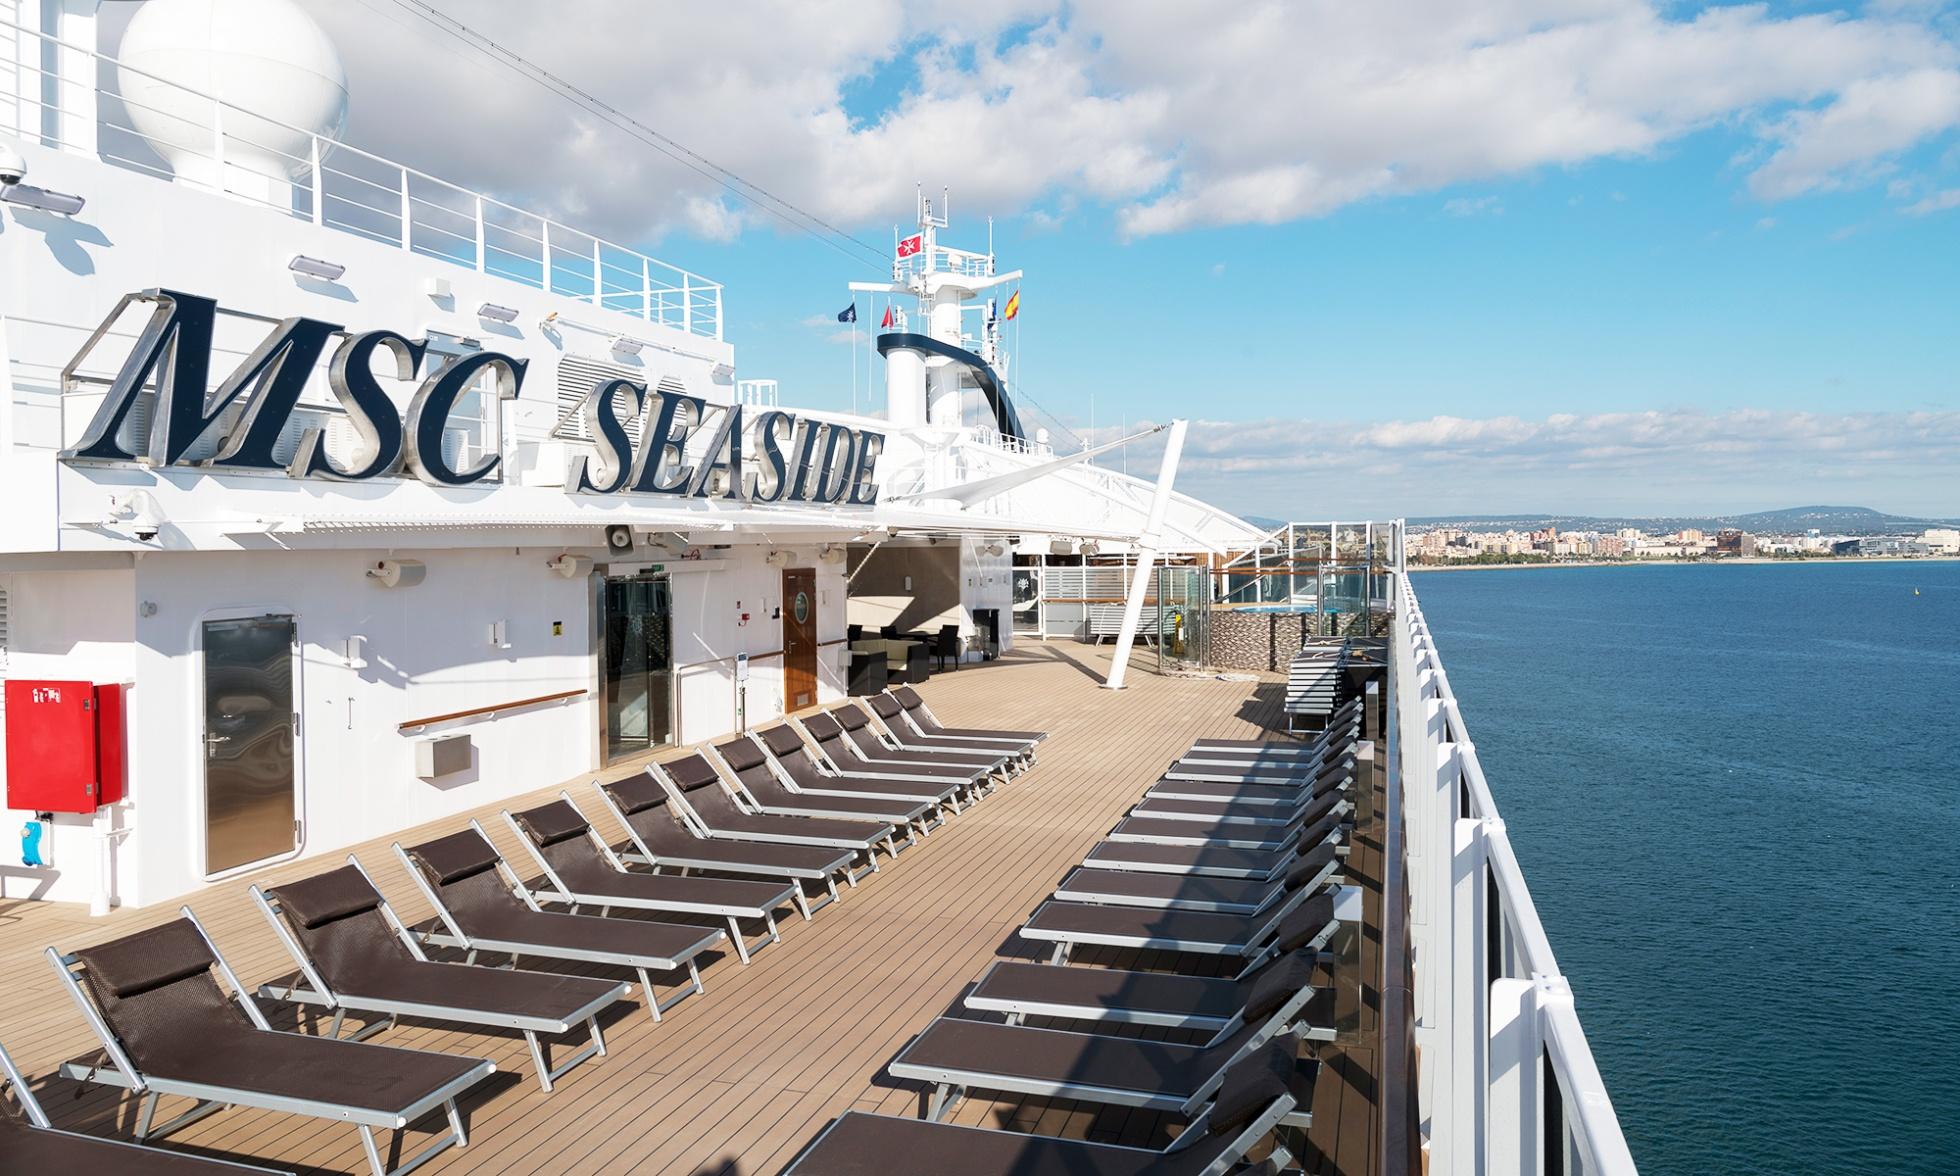 Crociera MSC Seaside Partenza 21 Agosto 7 Notti Cabina Esterna cat. Bella